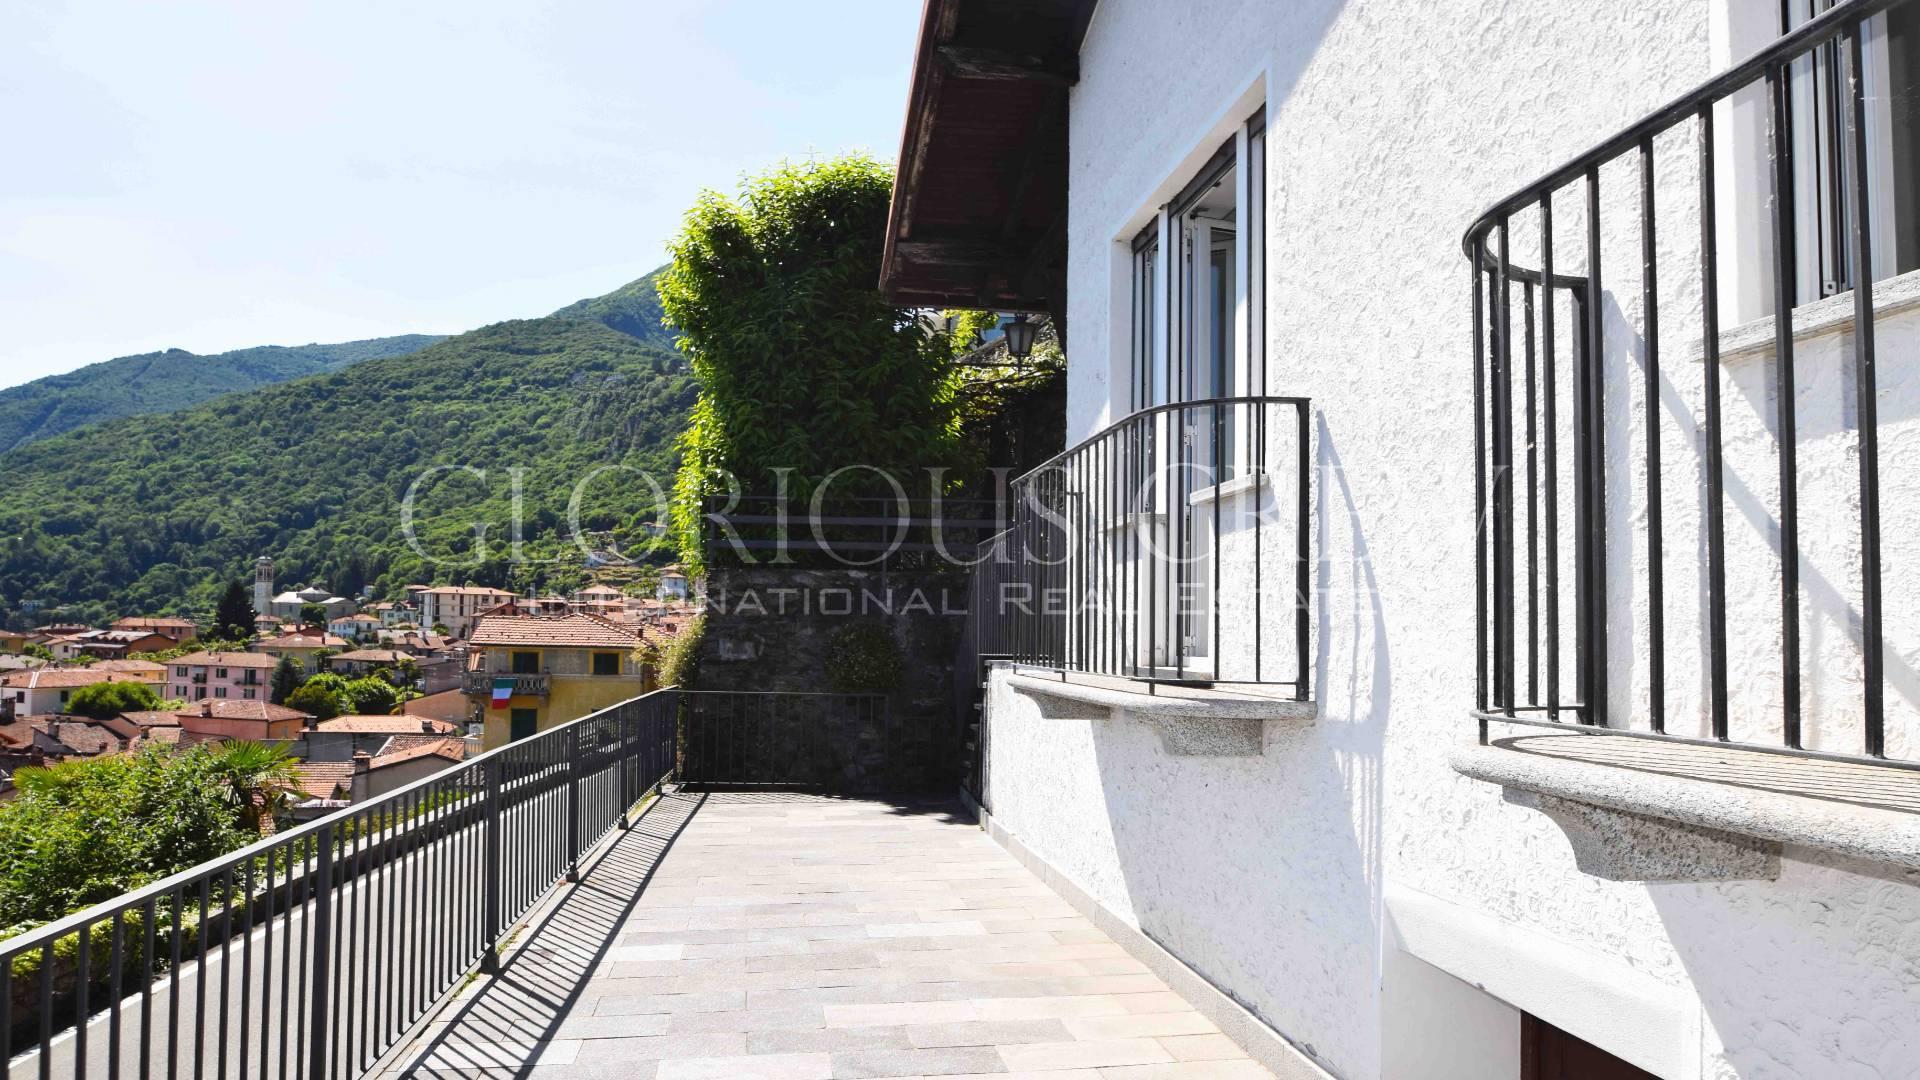 Villa in Vendita a Cannero Riviera: 5 locali, 310 mq - Foto 14